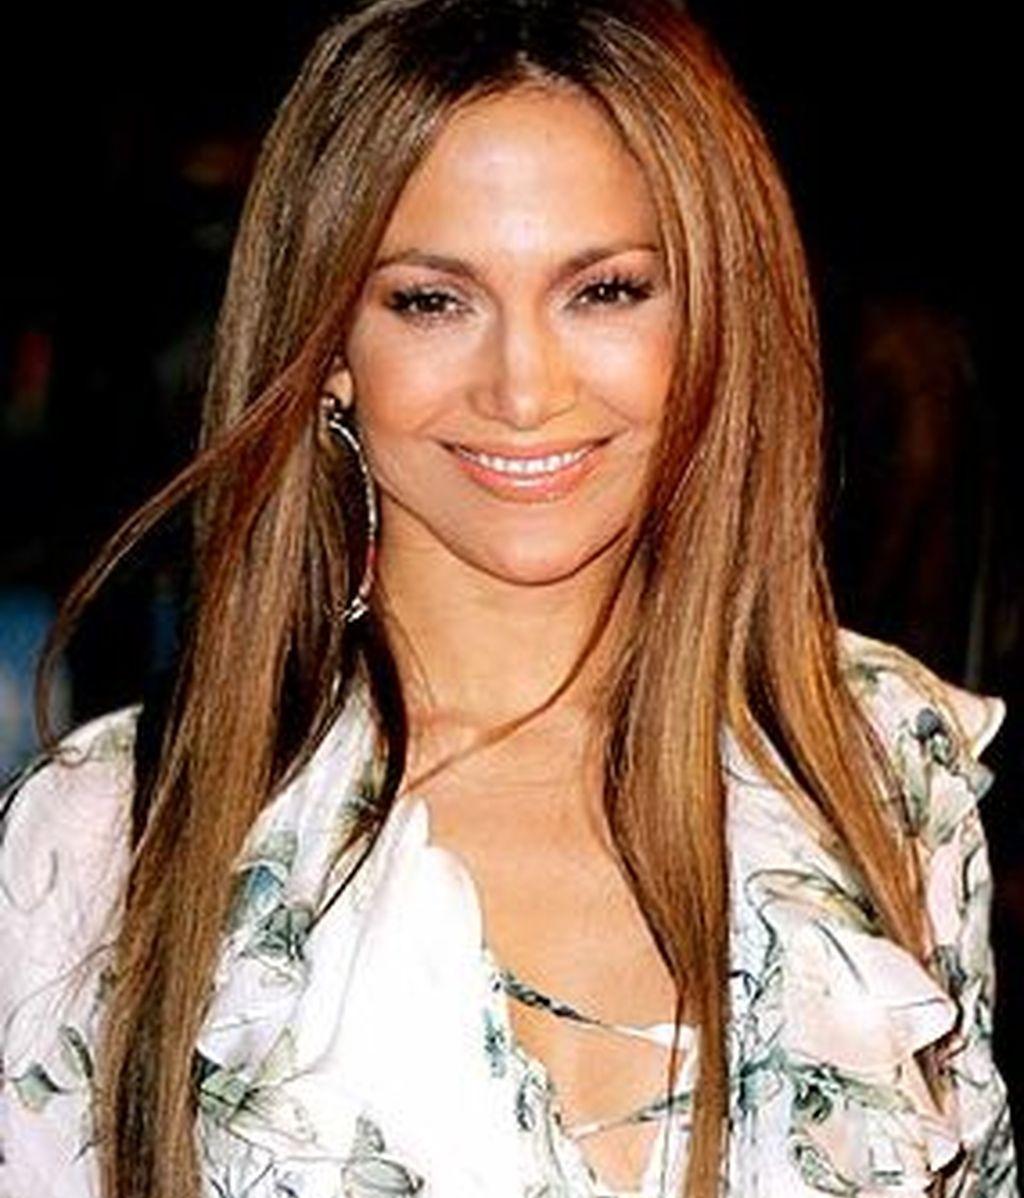 La estrella latina volverá a ser parte del jurado del programa 'American Idol'.